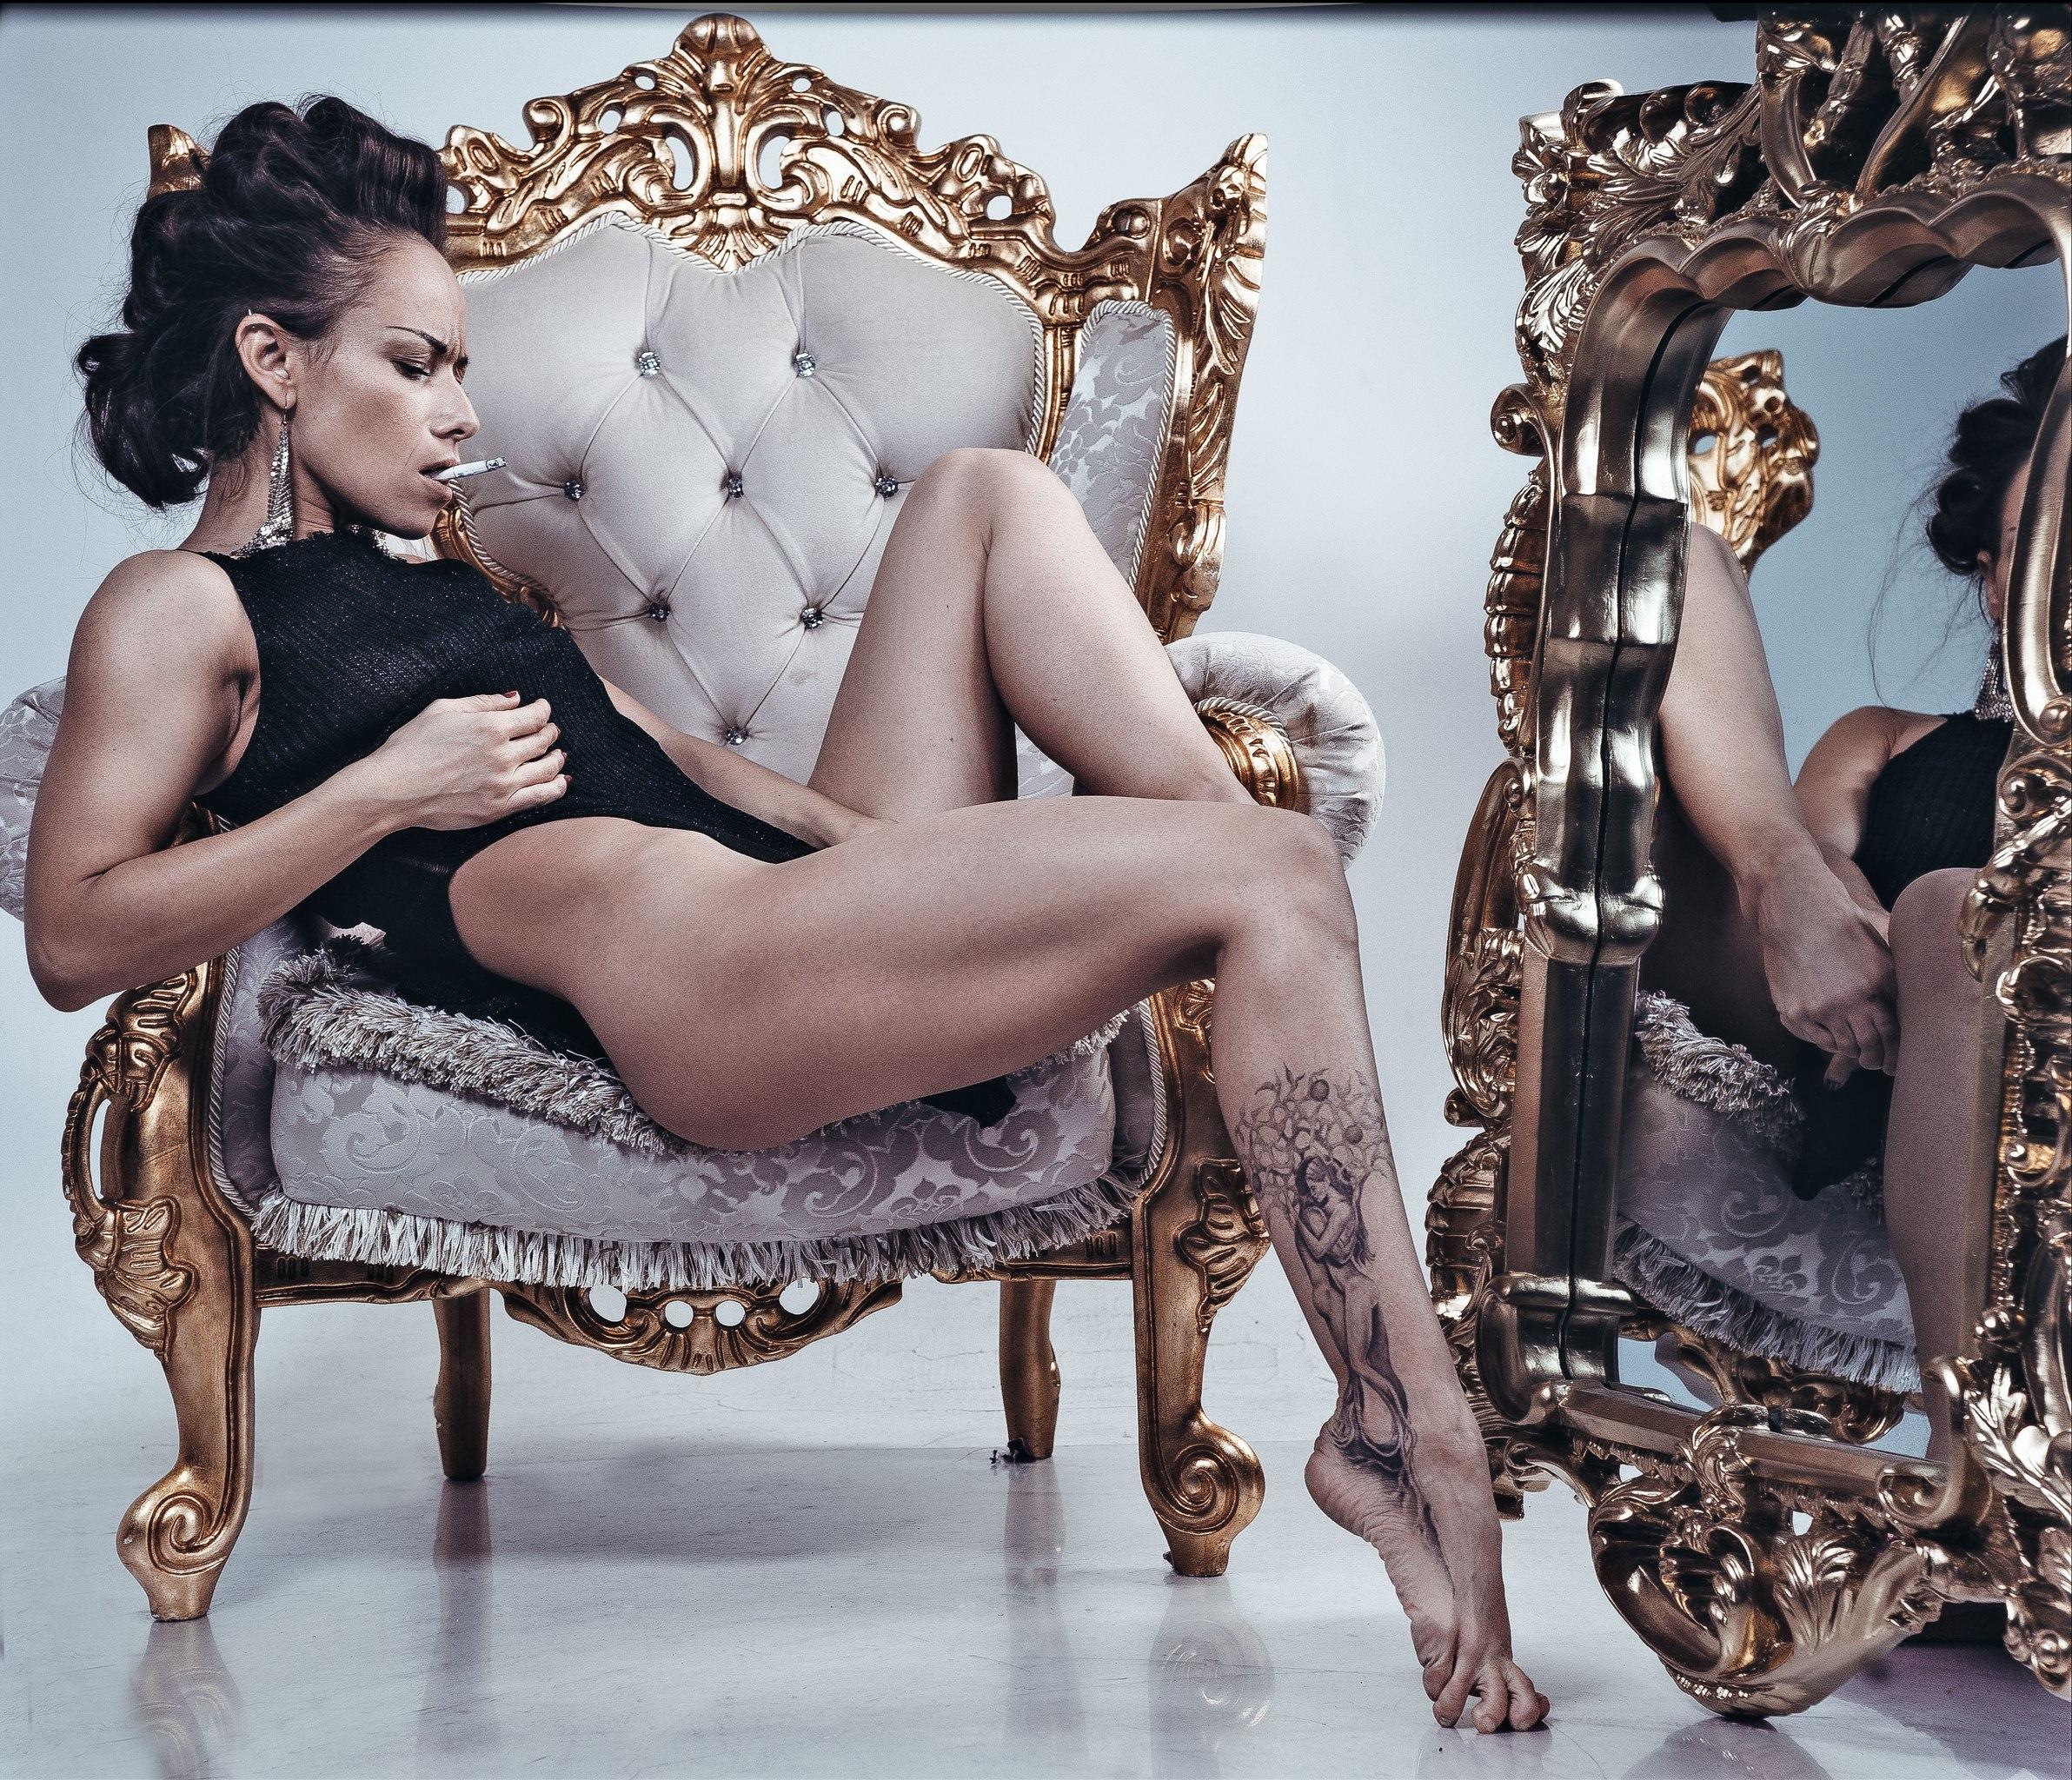 Саша павлова секс/ winpocket.ru# Невинные кокетки на любого ...